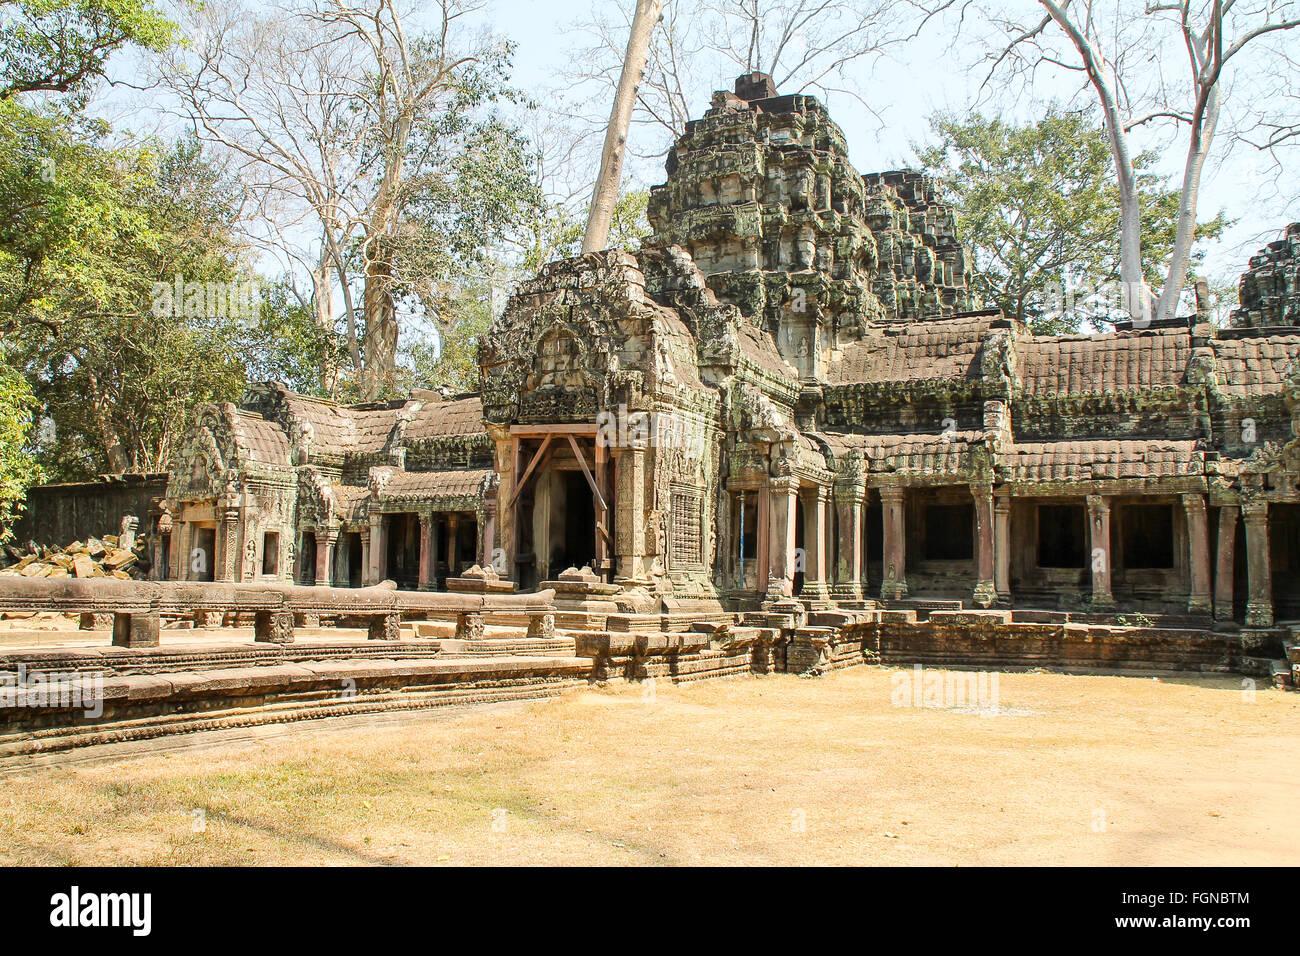 Landschaftsansicht der überwucherten Strukturen mit Bäumen, die durch das Gebäude von Angkor Wat, Stockbild